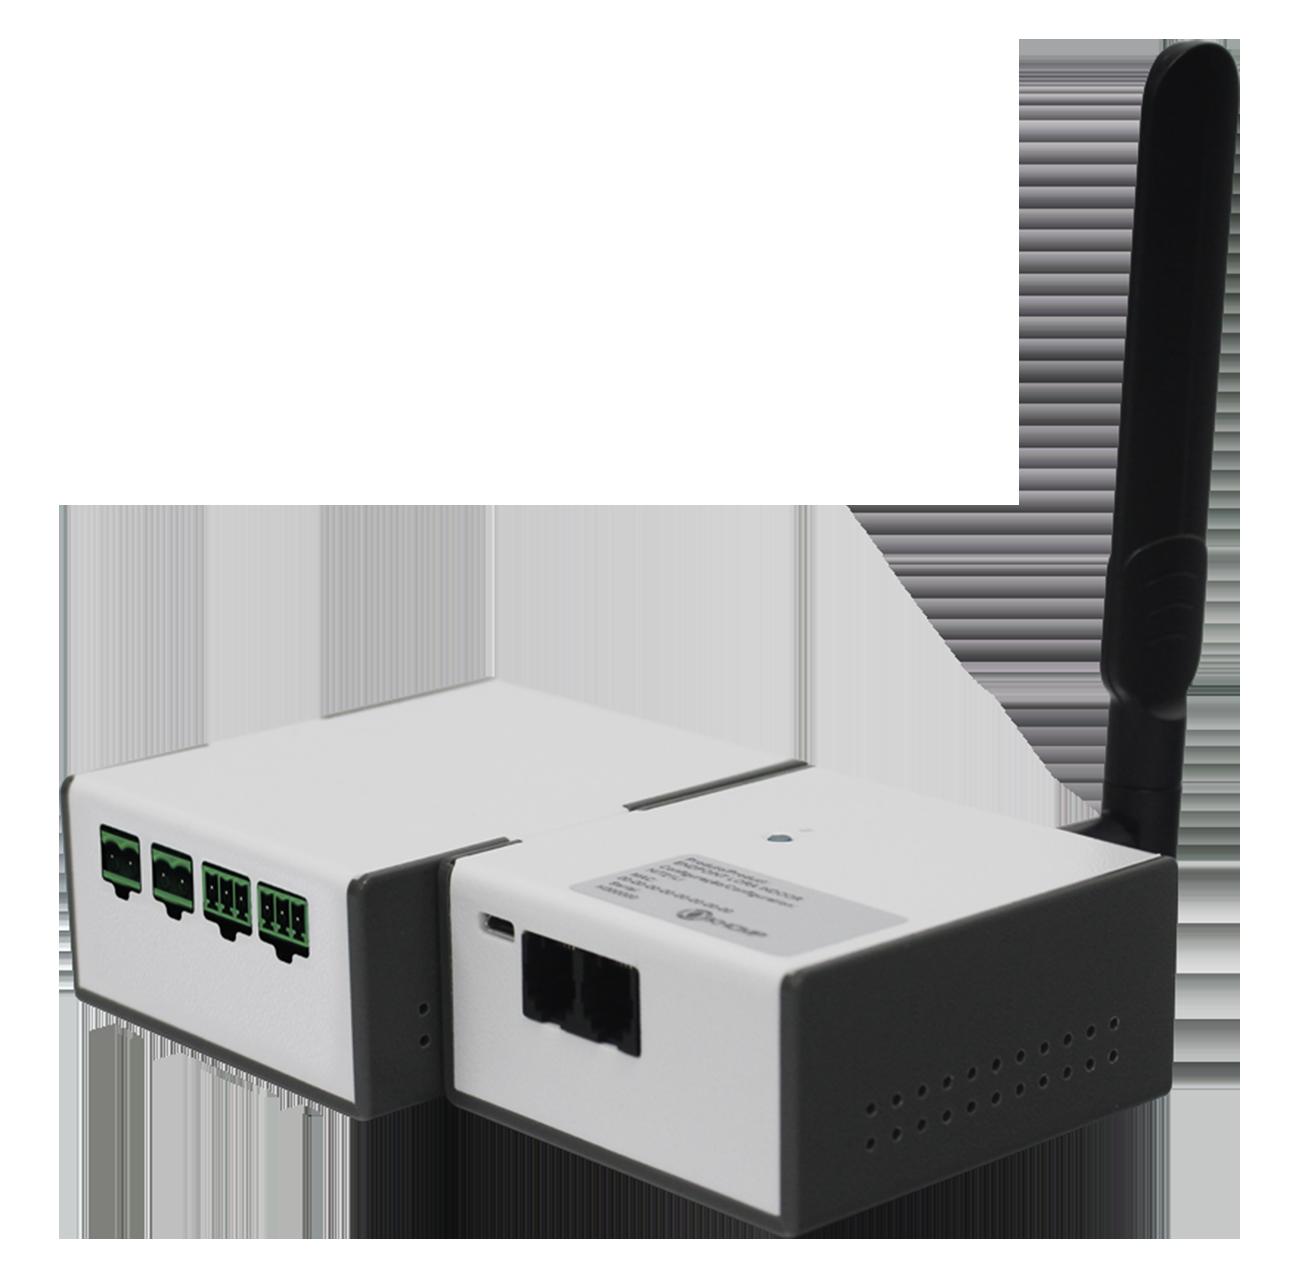 Endpoint LoRa e Extensão R102 - IoT Khomp + Everynet